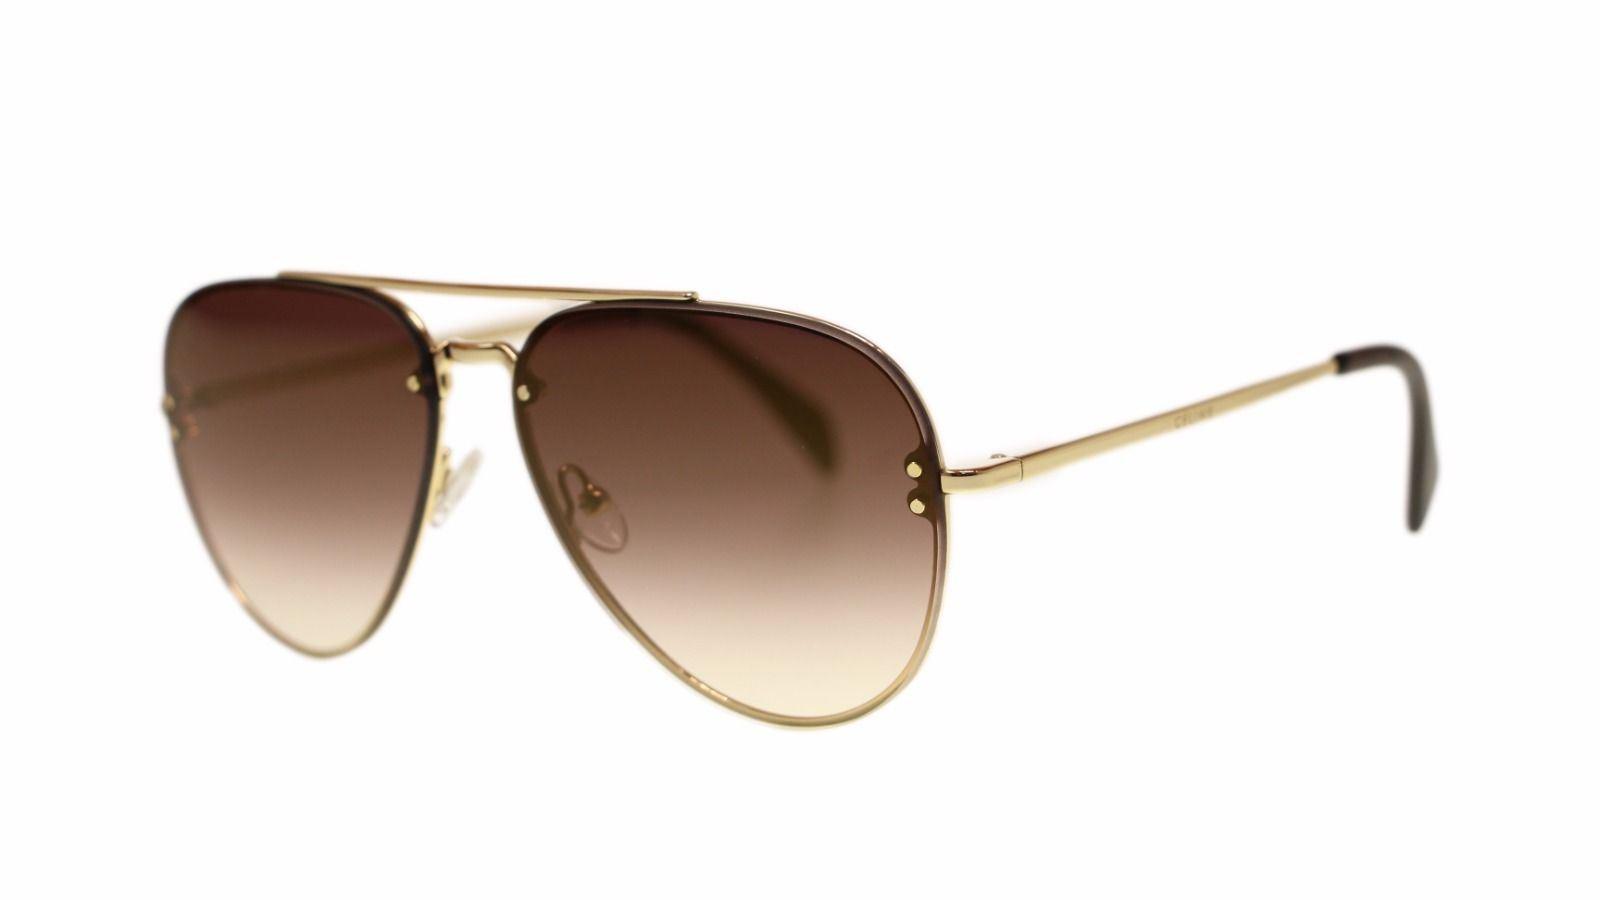 df3983b1ec1 S l1600. S l1600. Previous. Celine Unisex Sunglasses Cl41392 J5G QH Gold  Brown Mirror Gold Lens Aviator 58mm